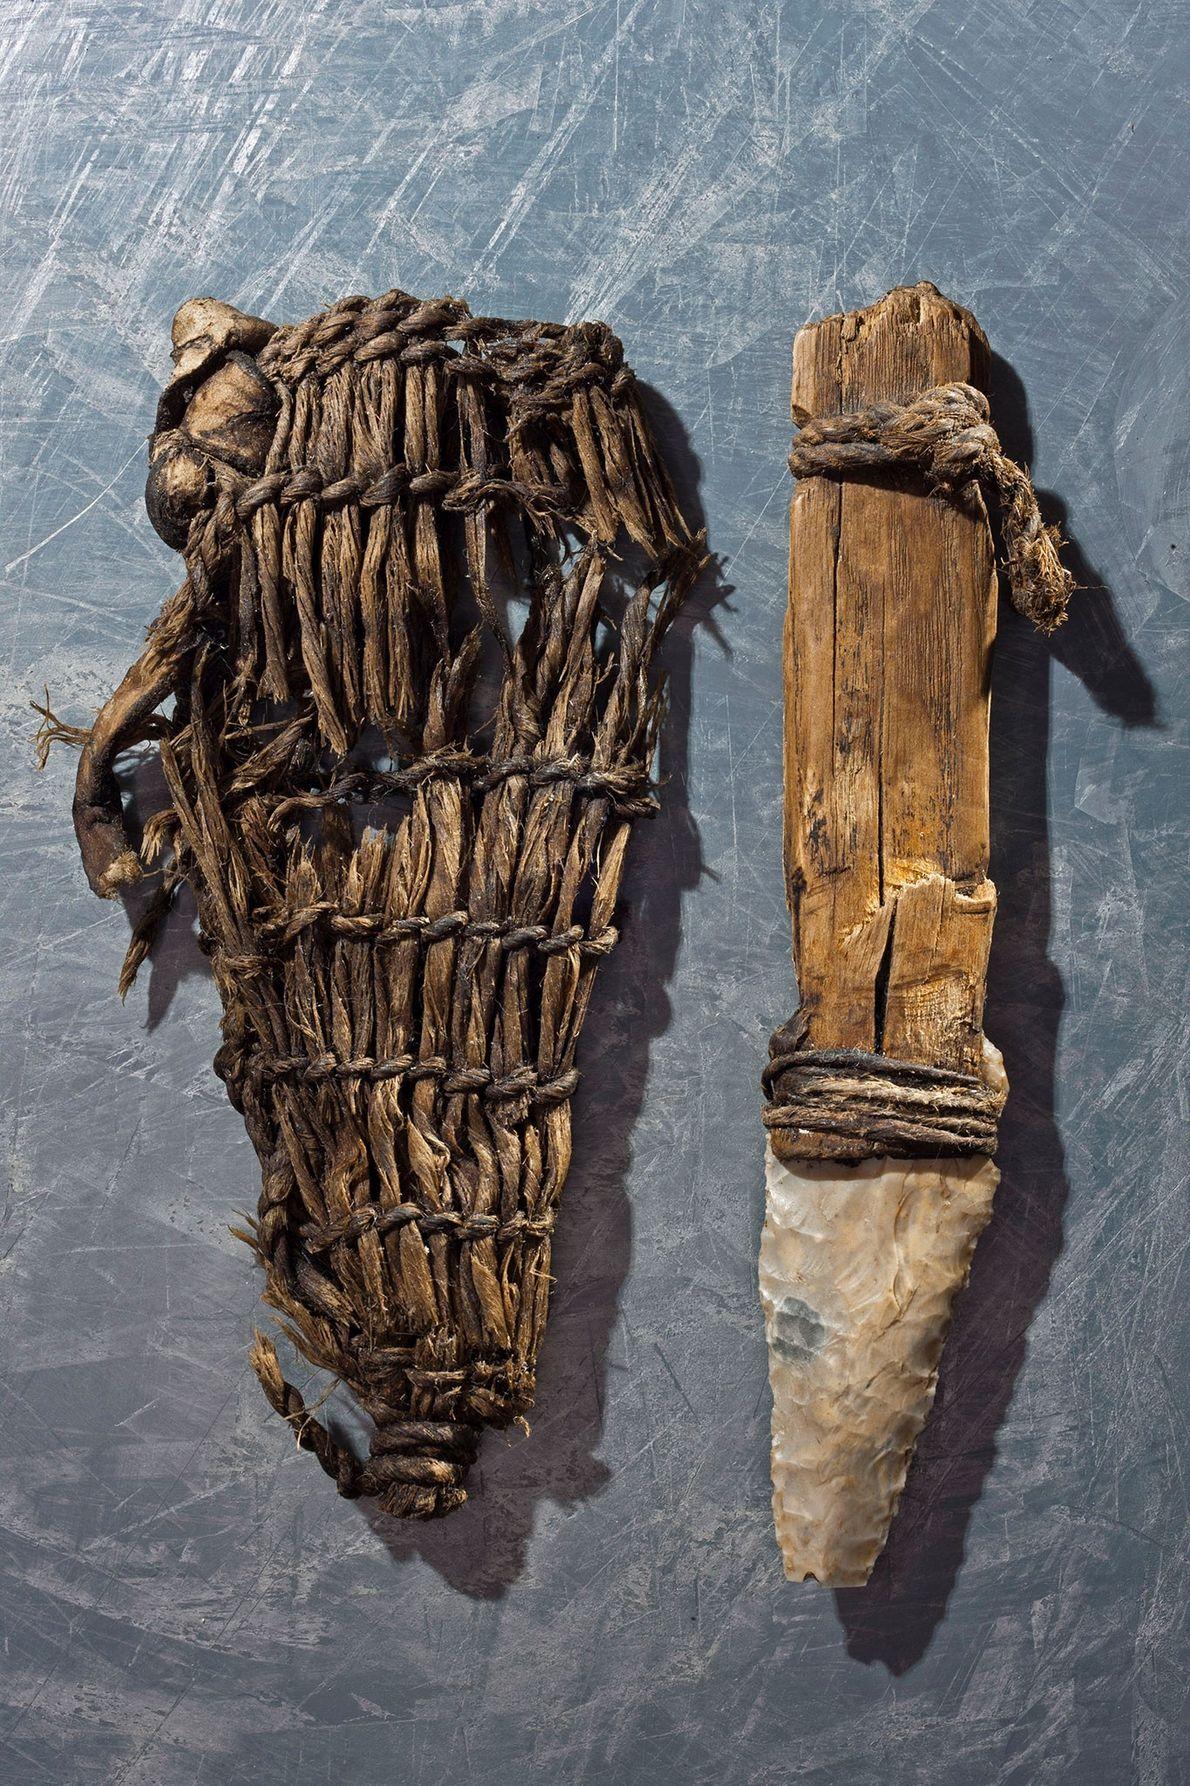 Le poignard de l'homme des glaces comportait une lame de silex et une gaine d'herbe.